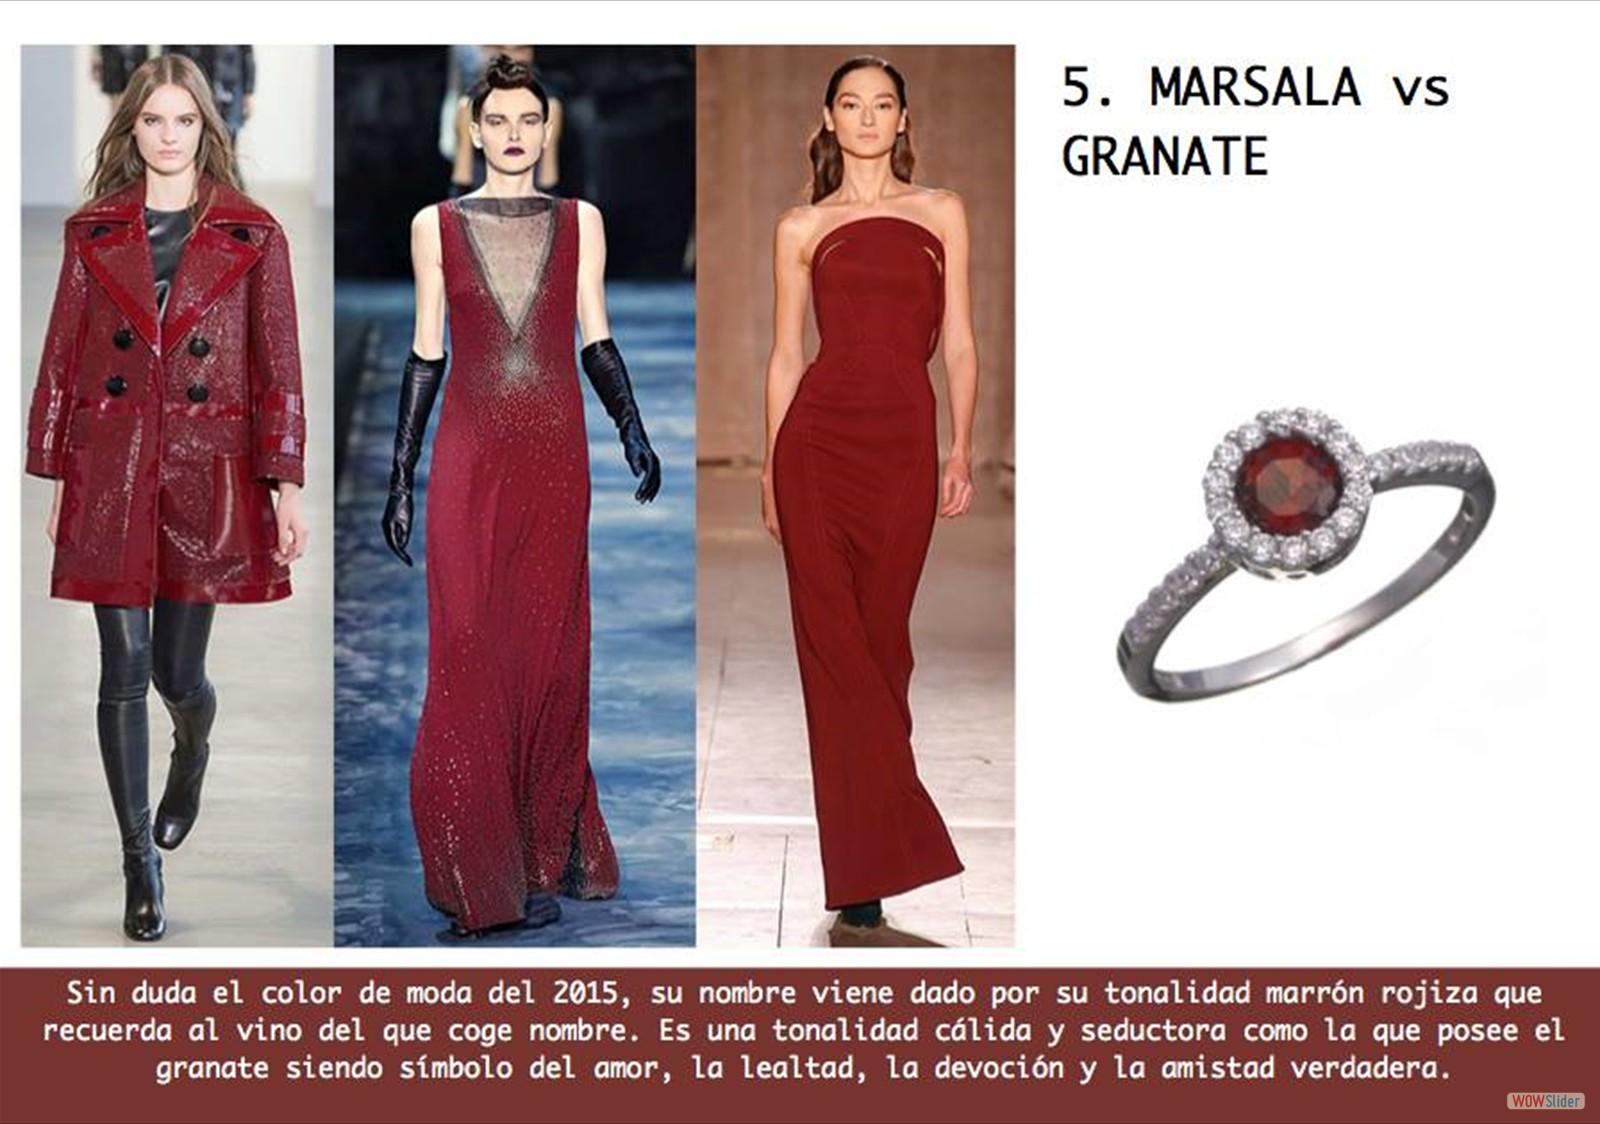 5.Granate